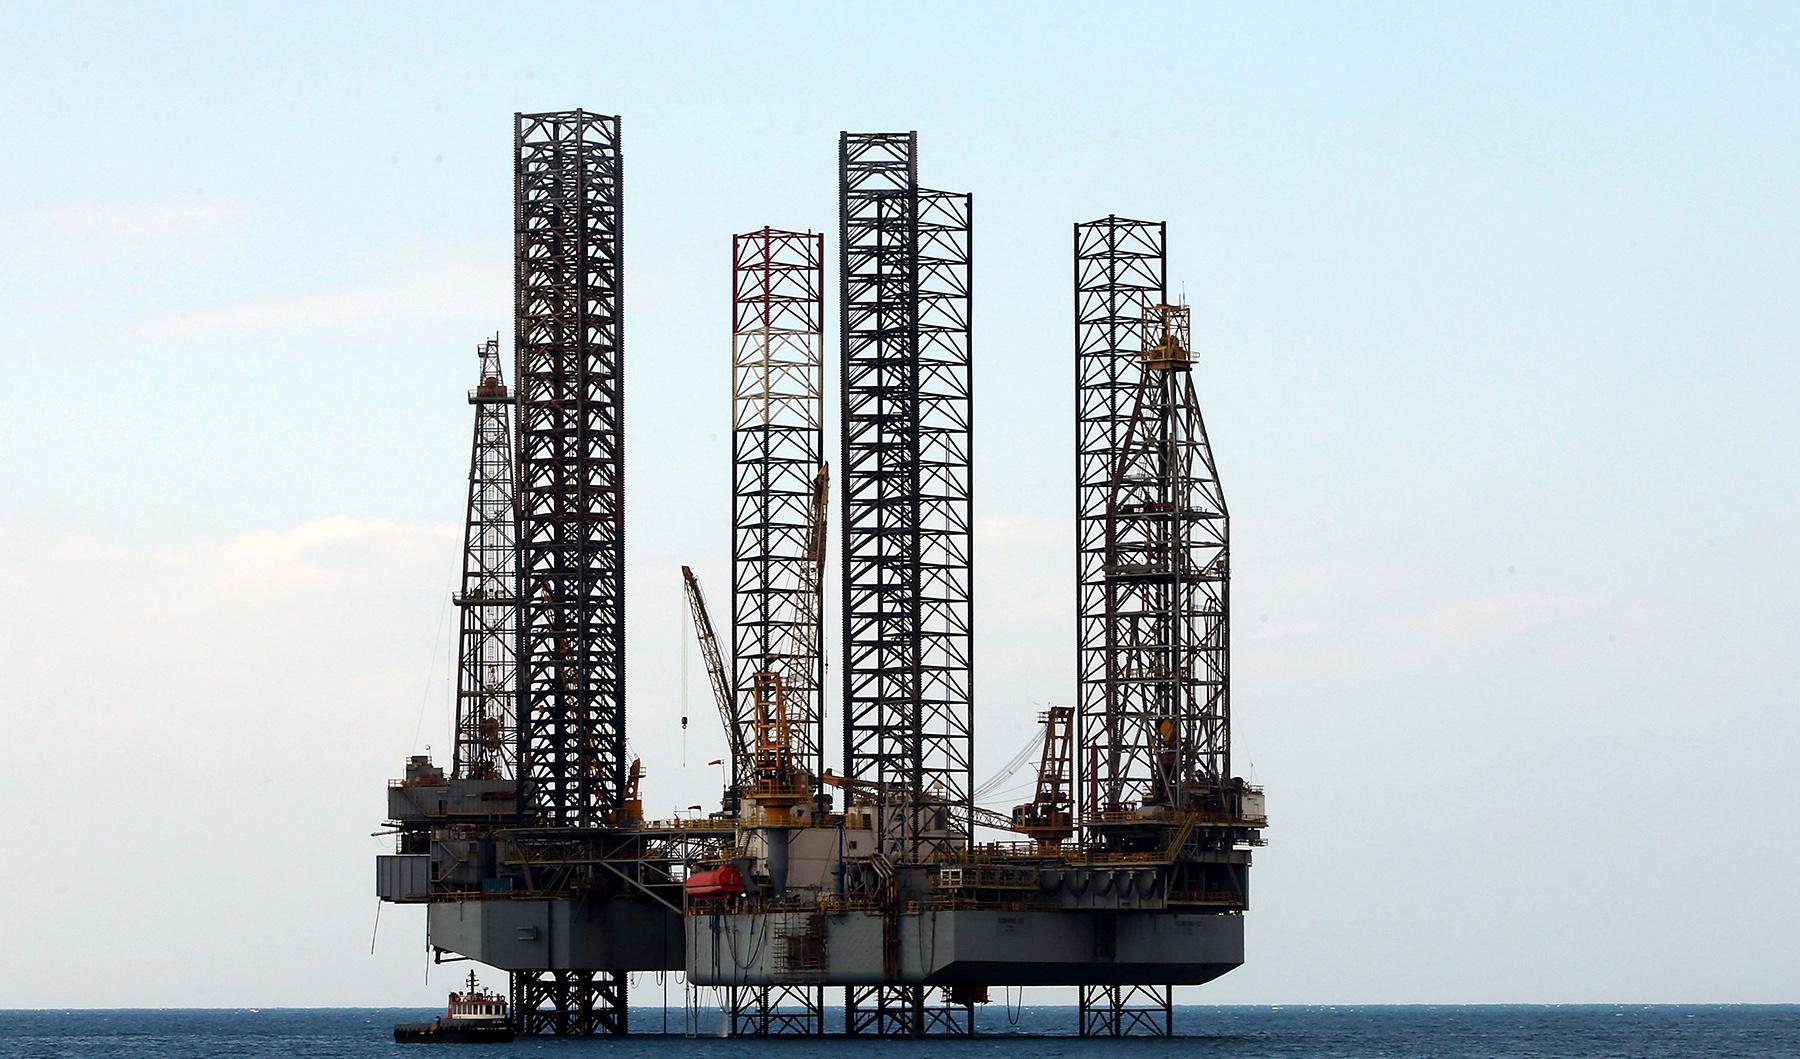 ایران راهی برای فروش نفت خود پیدا خواهد کرد